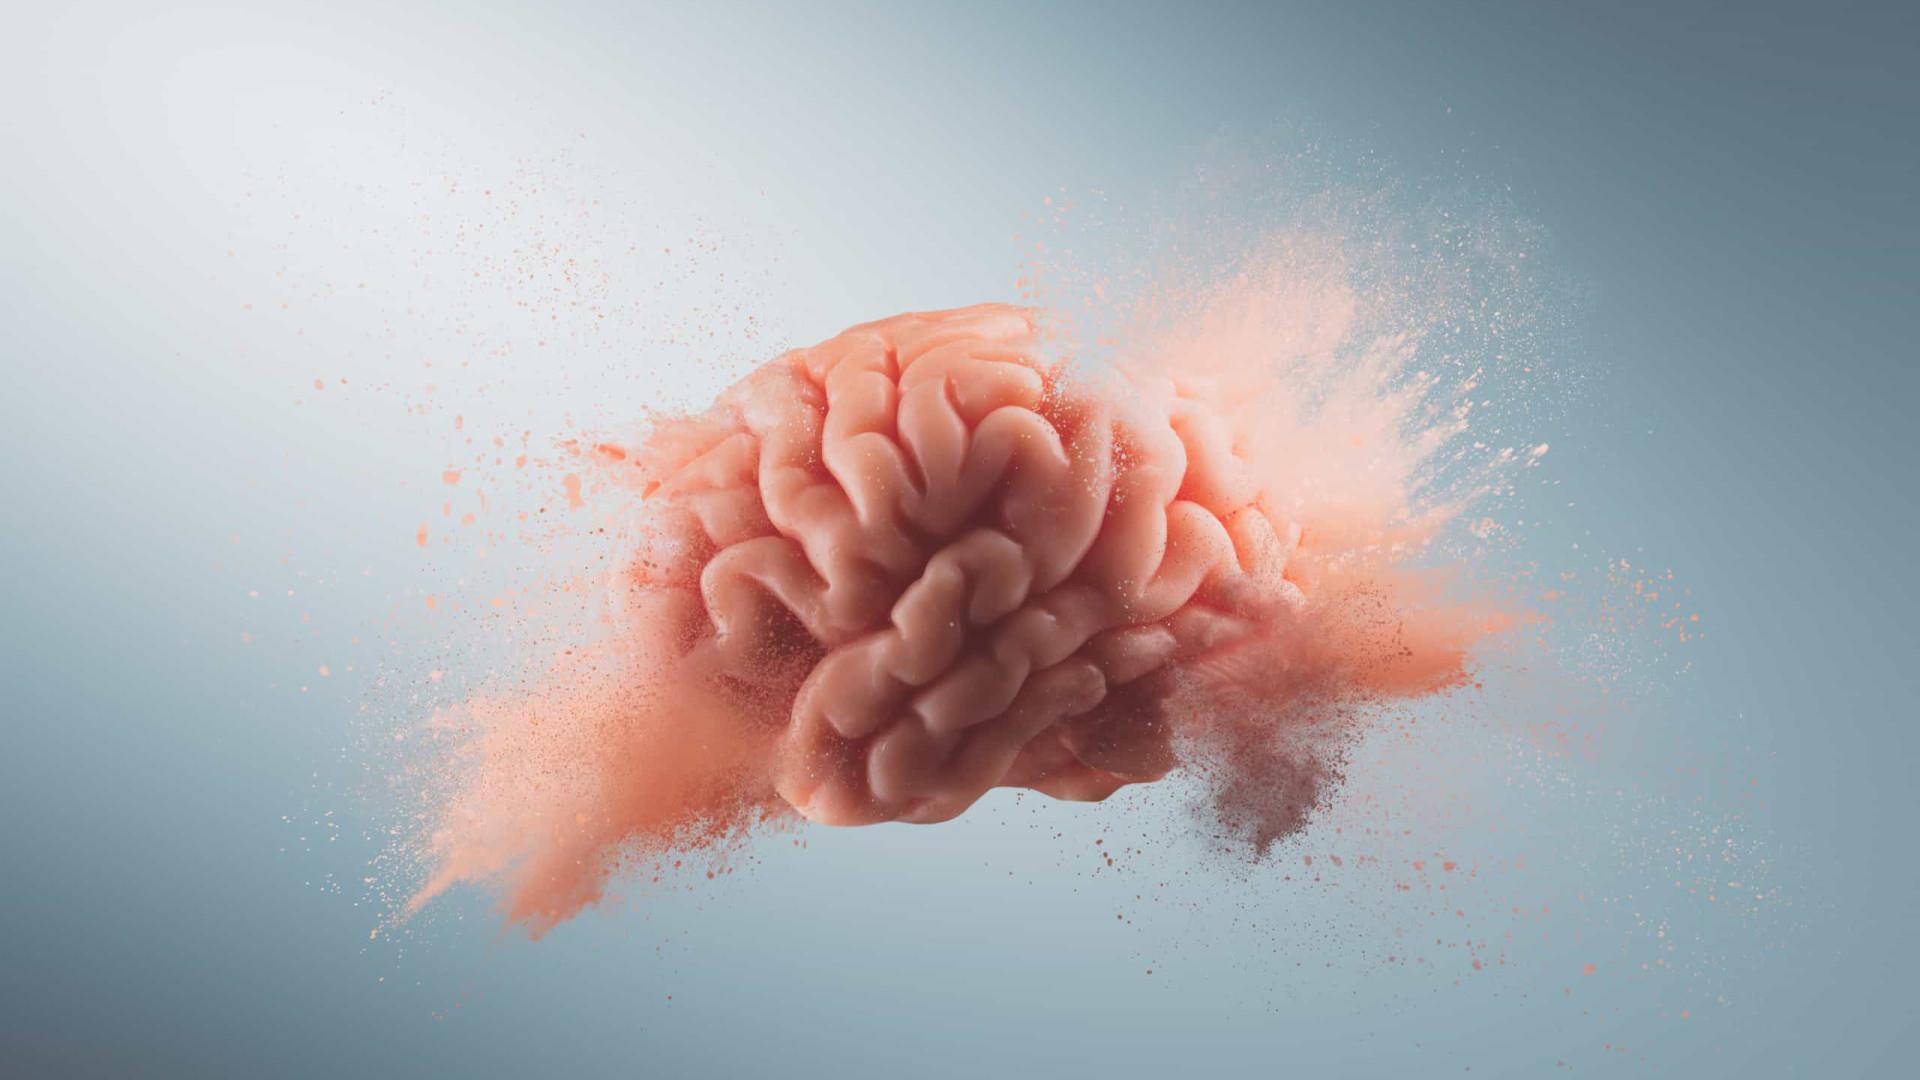 Quatro alimentos que estão matando seu cérebro e neurônios